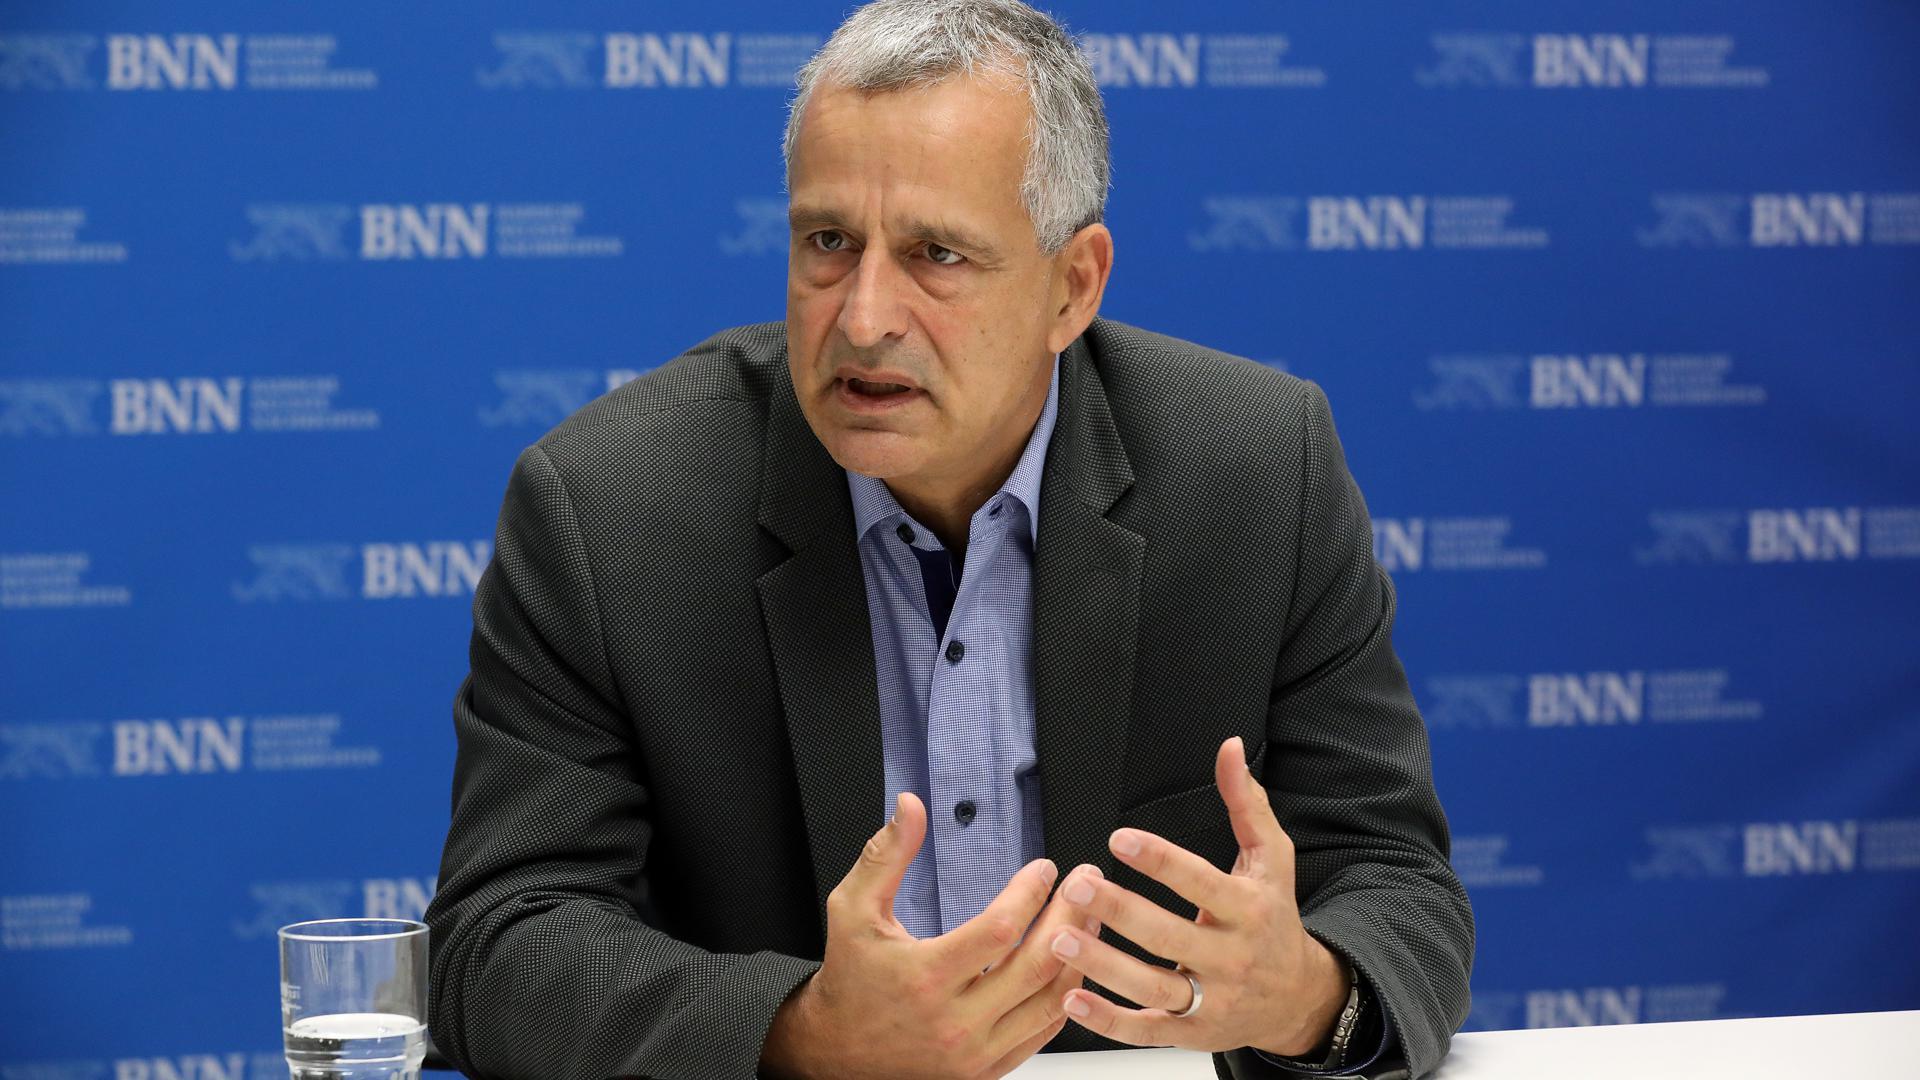 Der Richter Fernando Sanchez-Hermosilla sitzt am BNN-Konferenztisch. Er ist Vorsitzender des Schwurgerichts am LG Karlsruhe